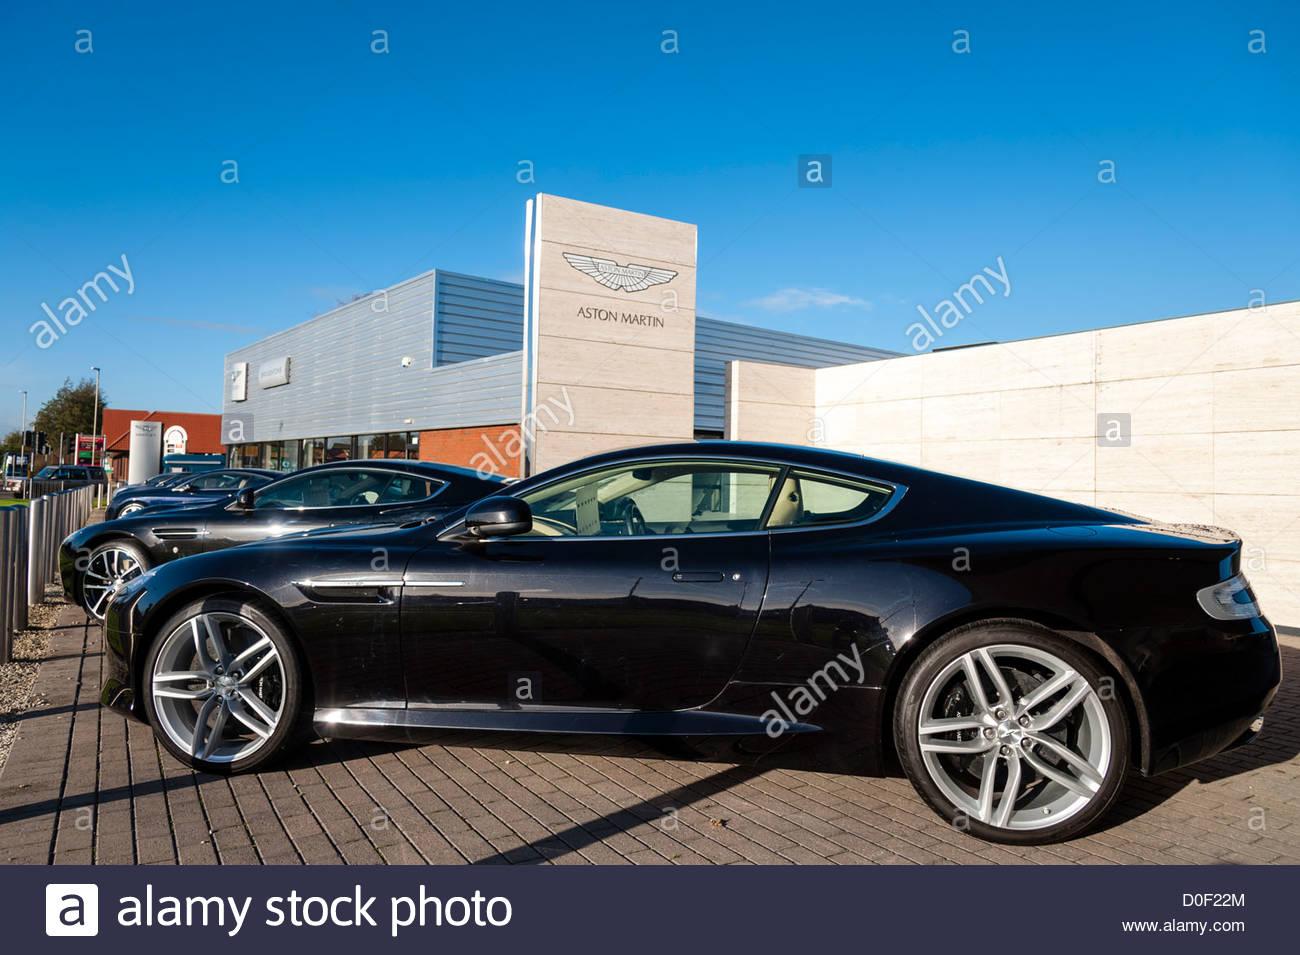 Aston Martin Dealer Stock Photos Aston Martin Dealer Stock Images - Aston martin dealers